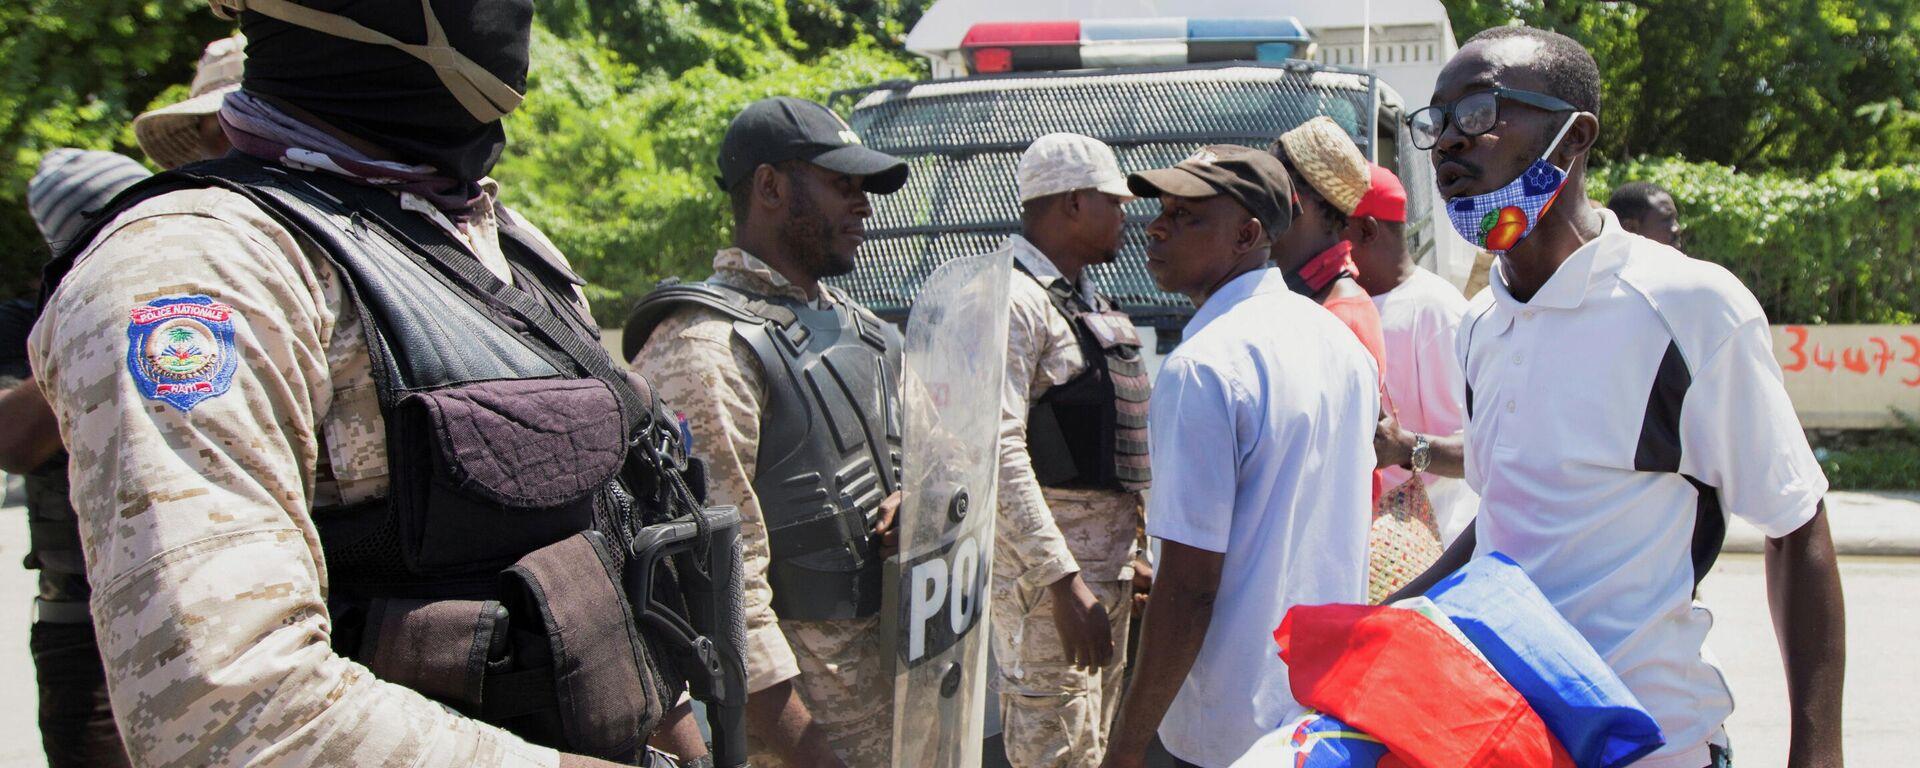 Protestas contra la deportación de haitianos de EEUU - Sputnik Mundo, 1920, 12.10.2021